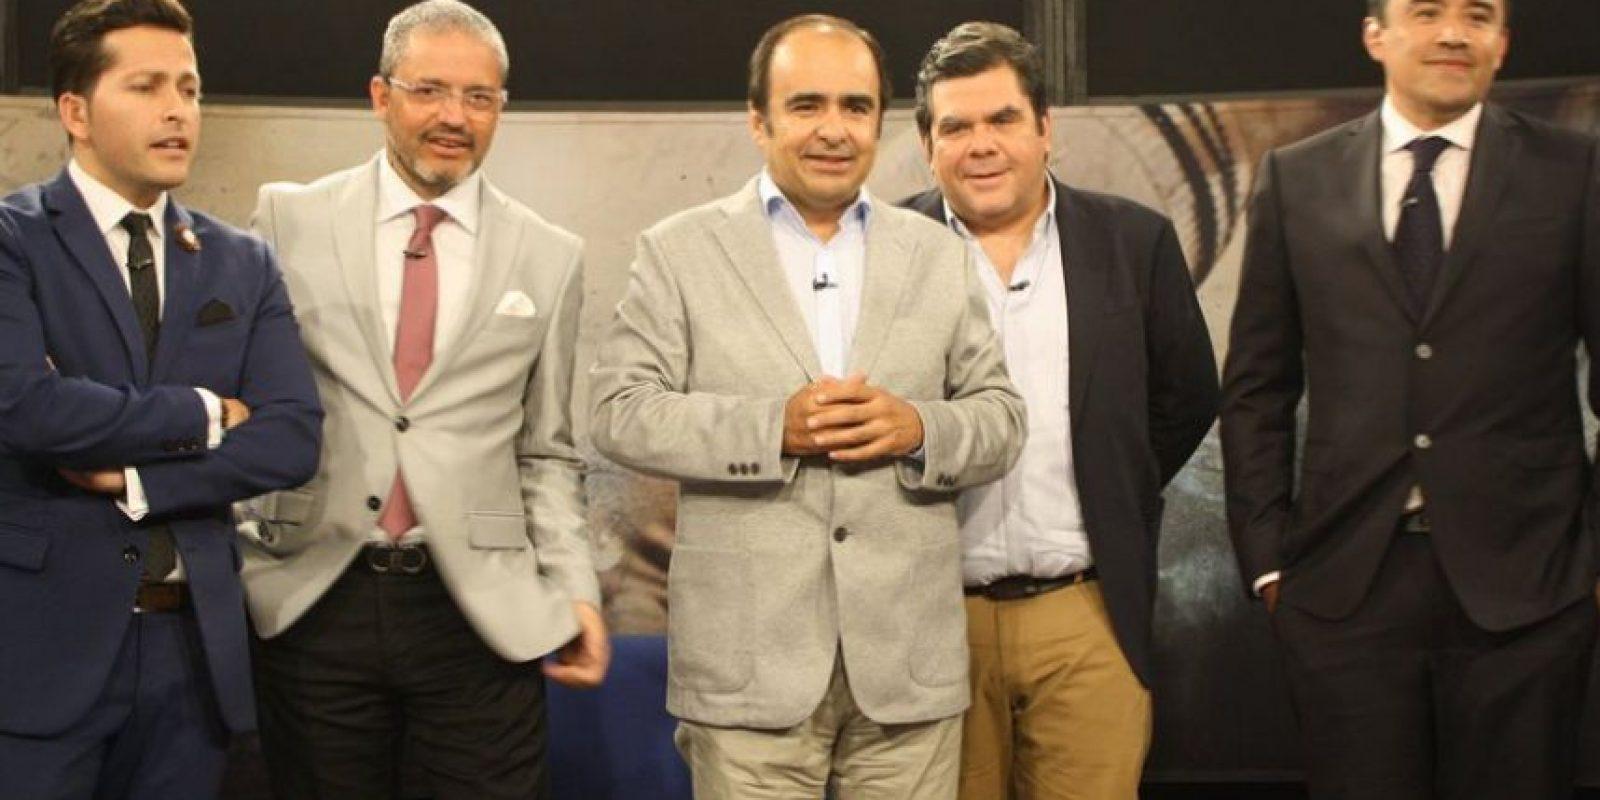 Anuncian la salida del aire de Marcaje Personal de Tv Azteca Foto:Twitter